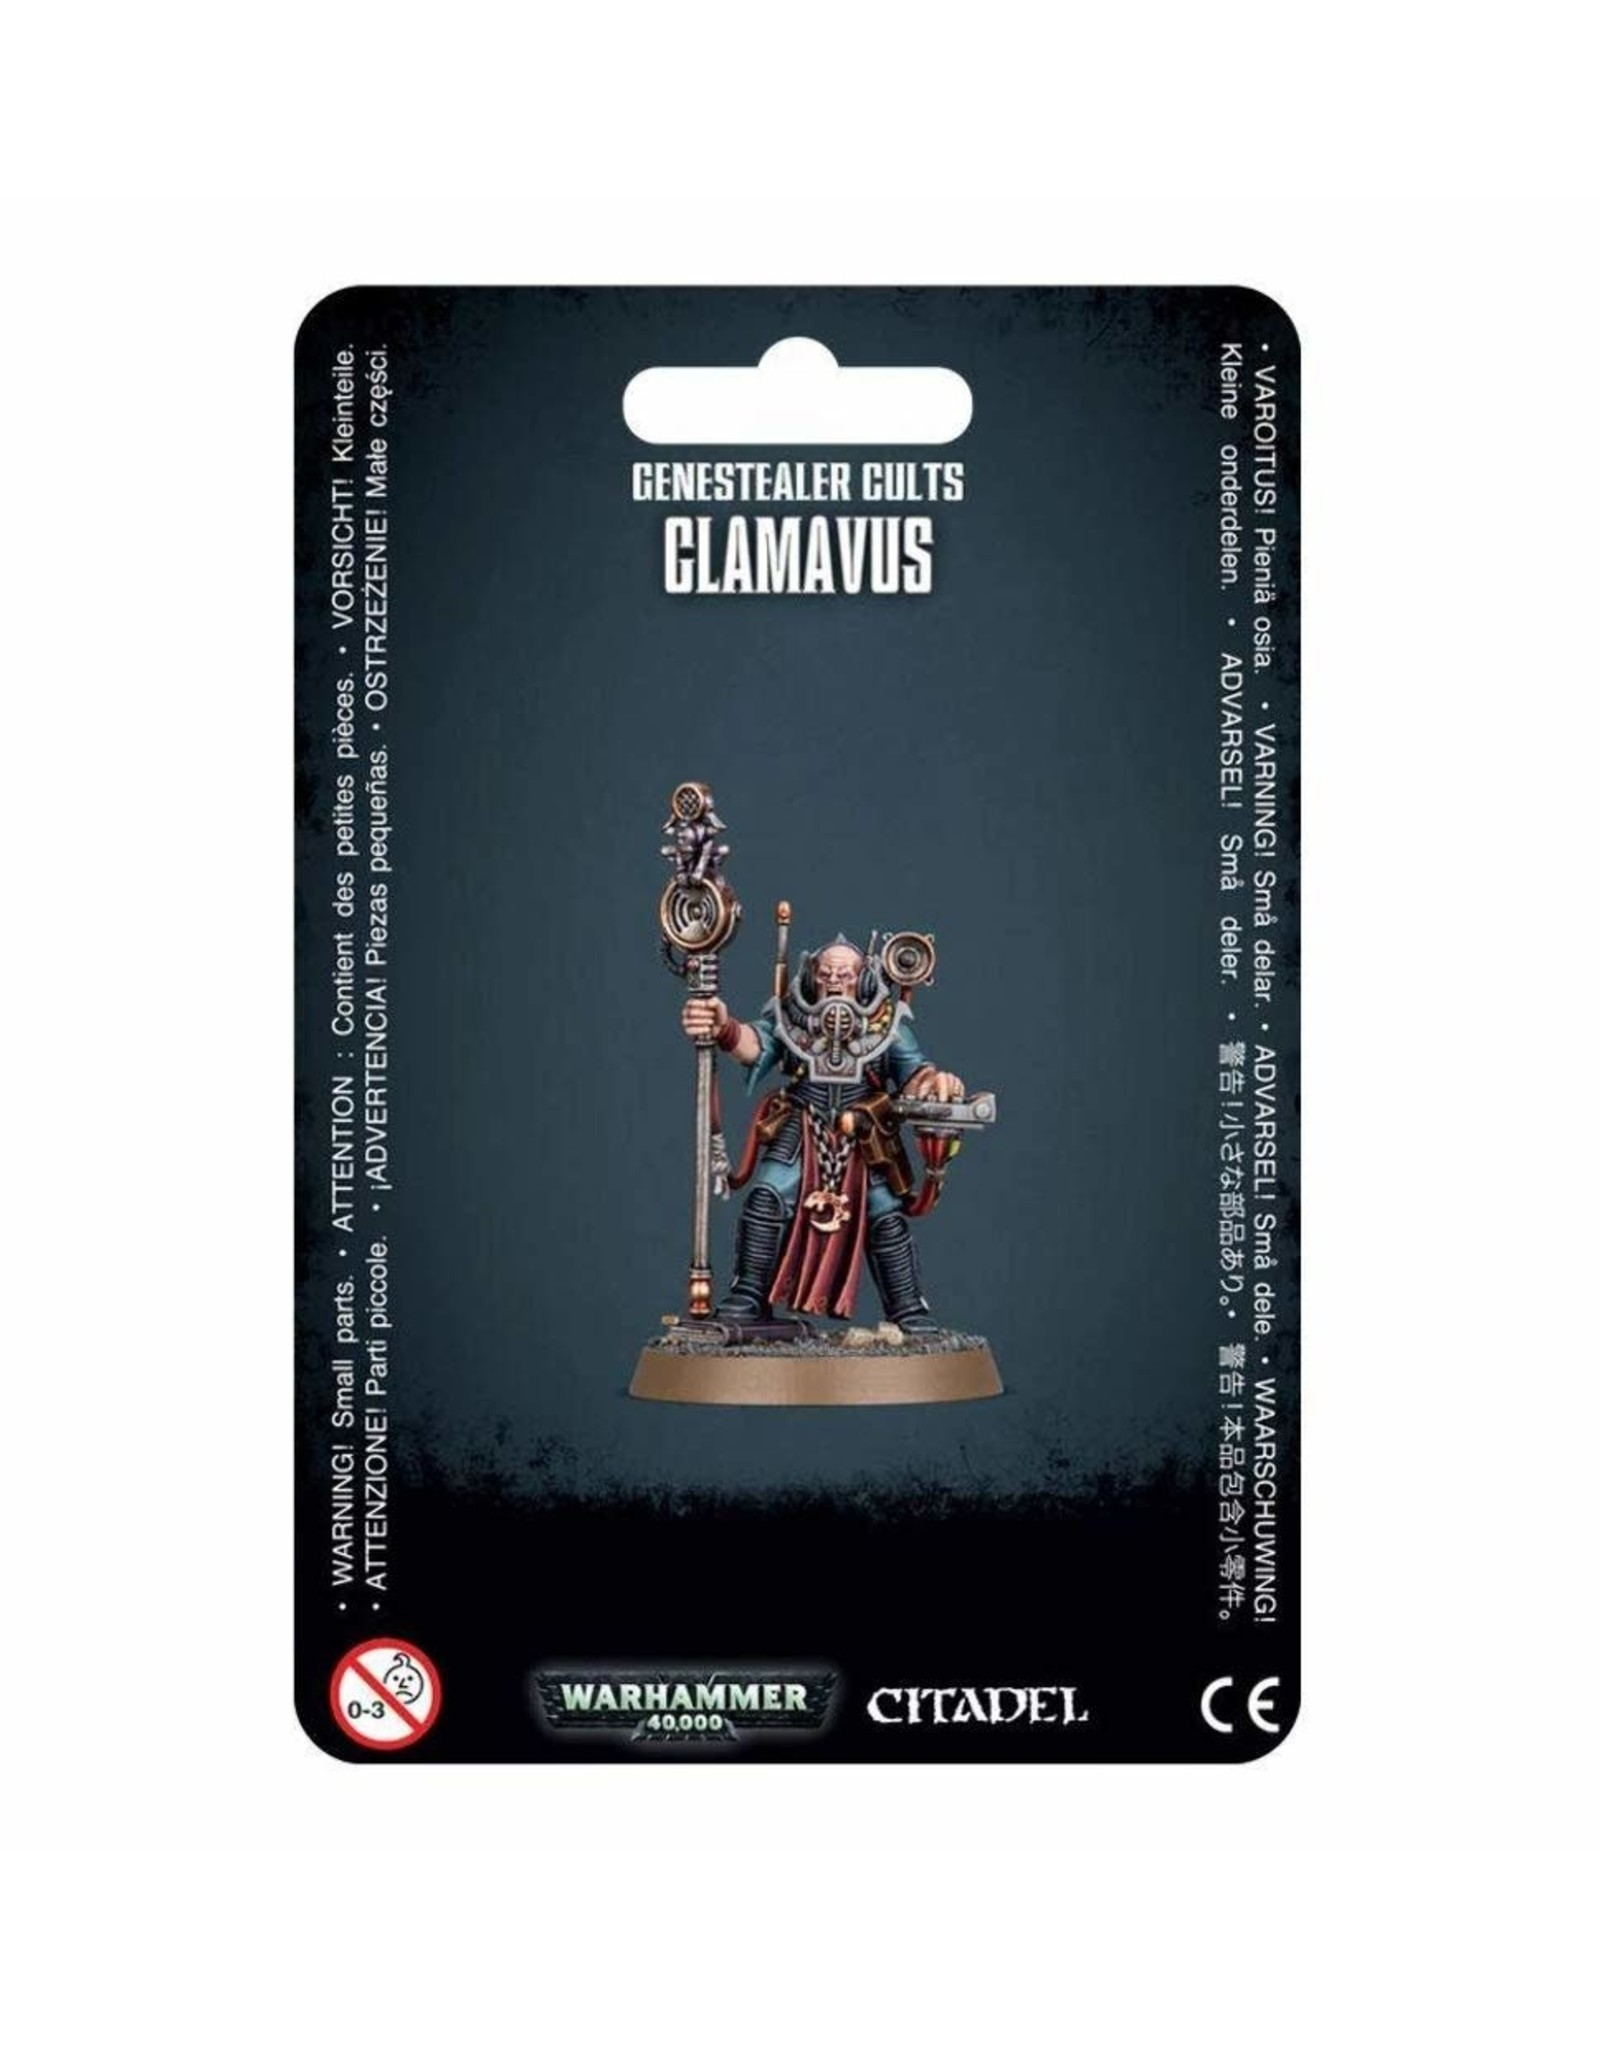 Genestealer Cults Clamavus (40K)